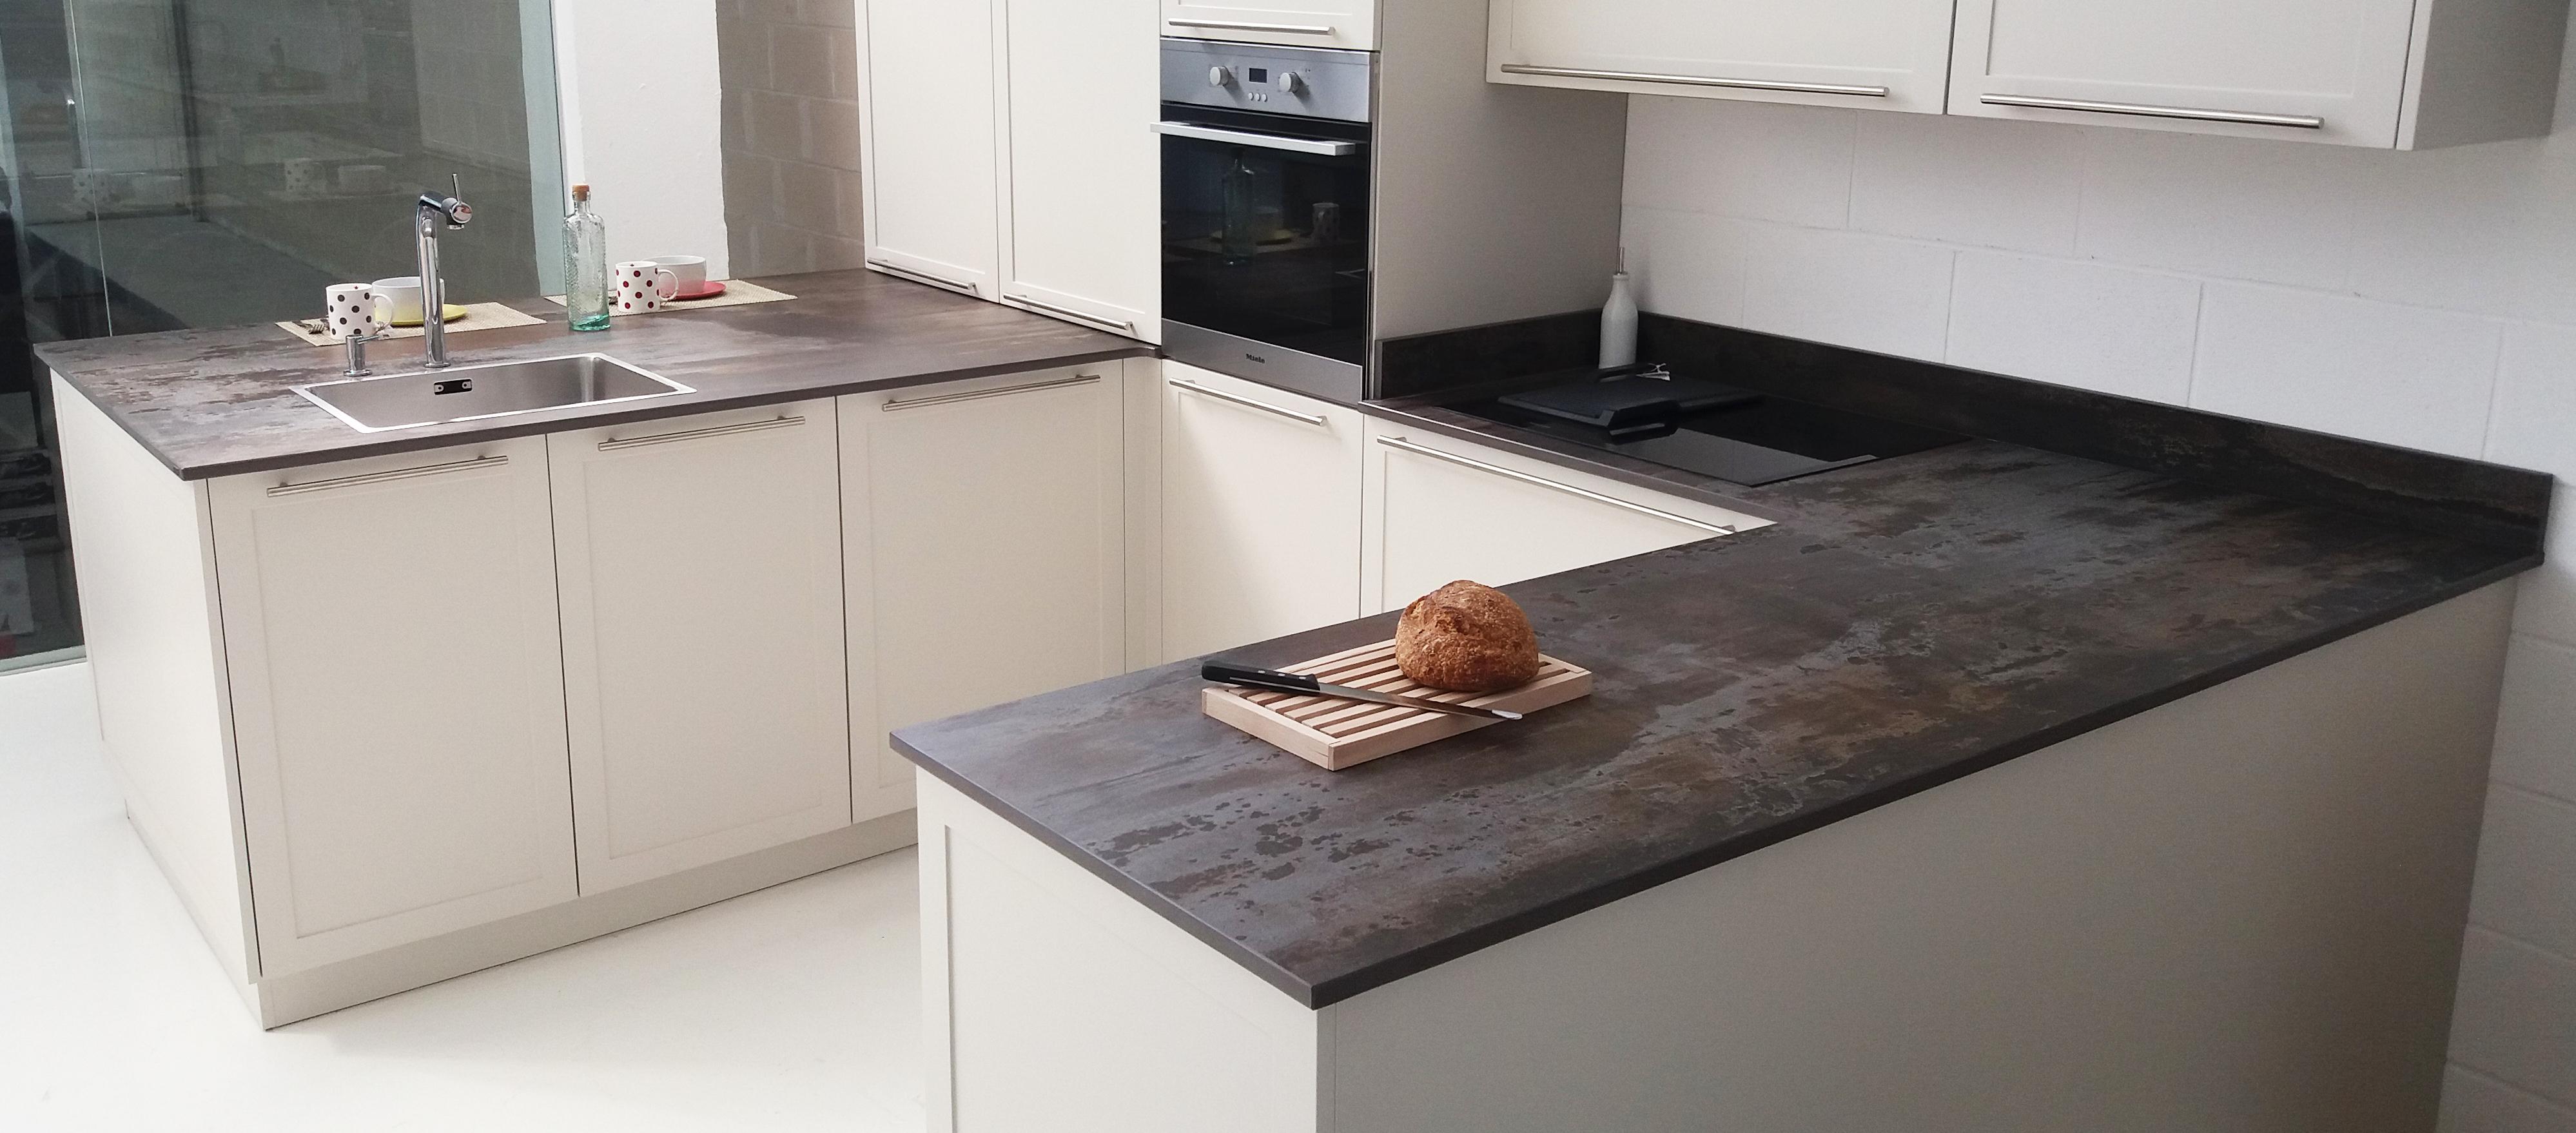 Encimeras de cocina y ba o m rmoles aztiria for Encimera de marmol precio